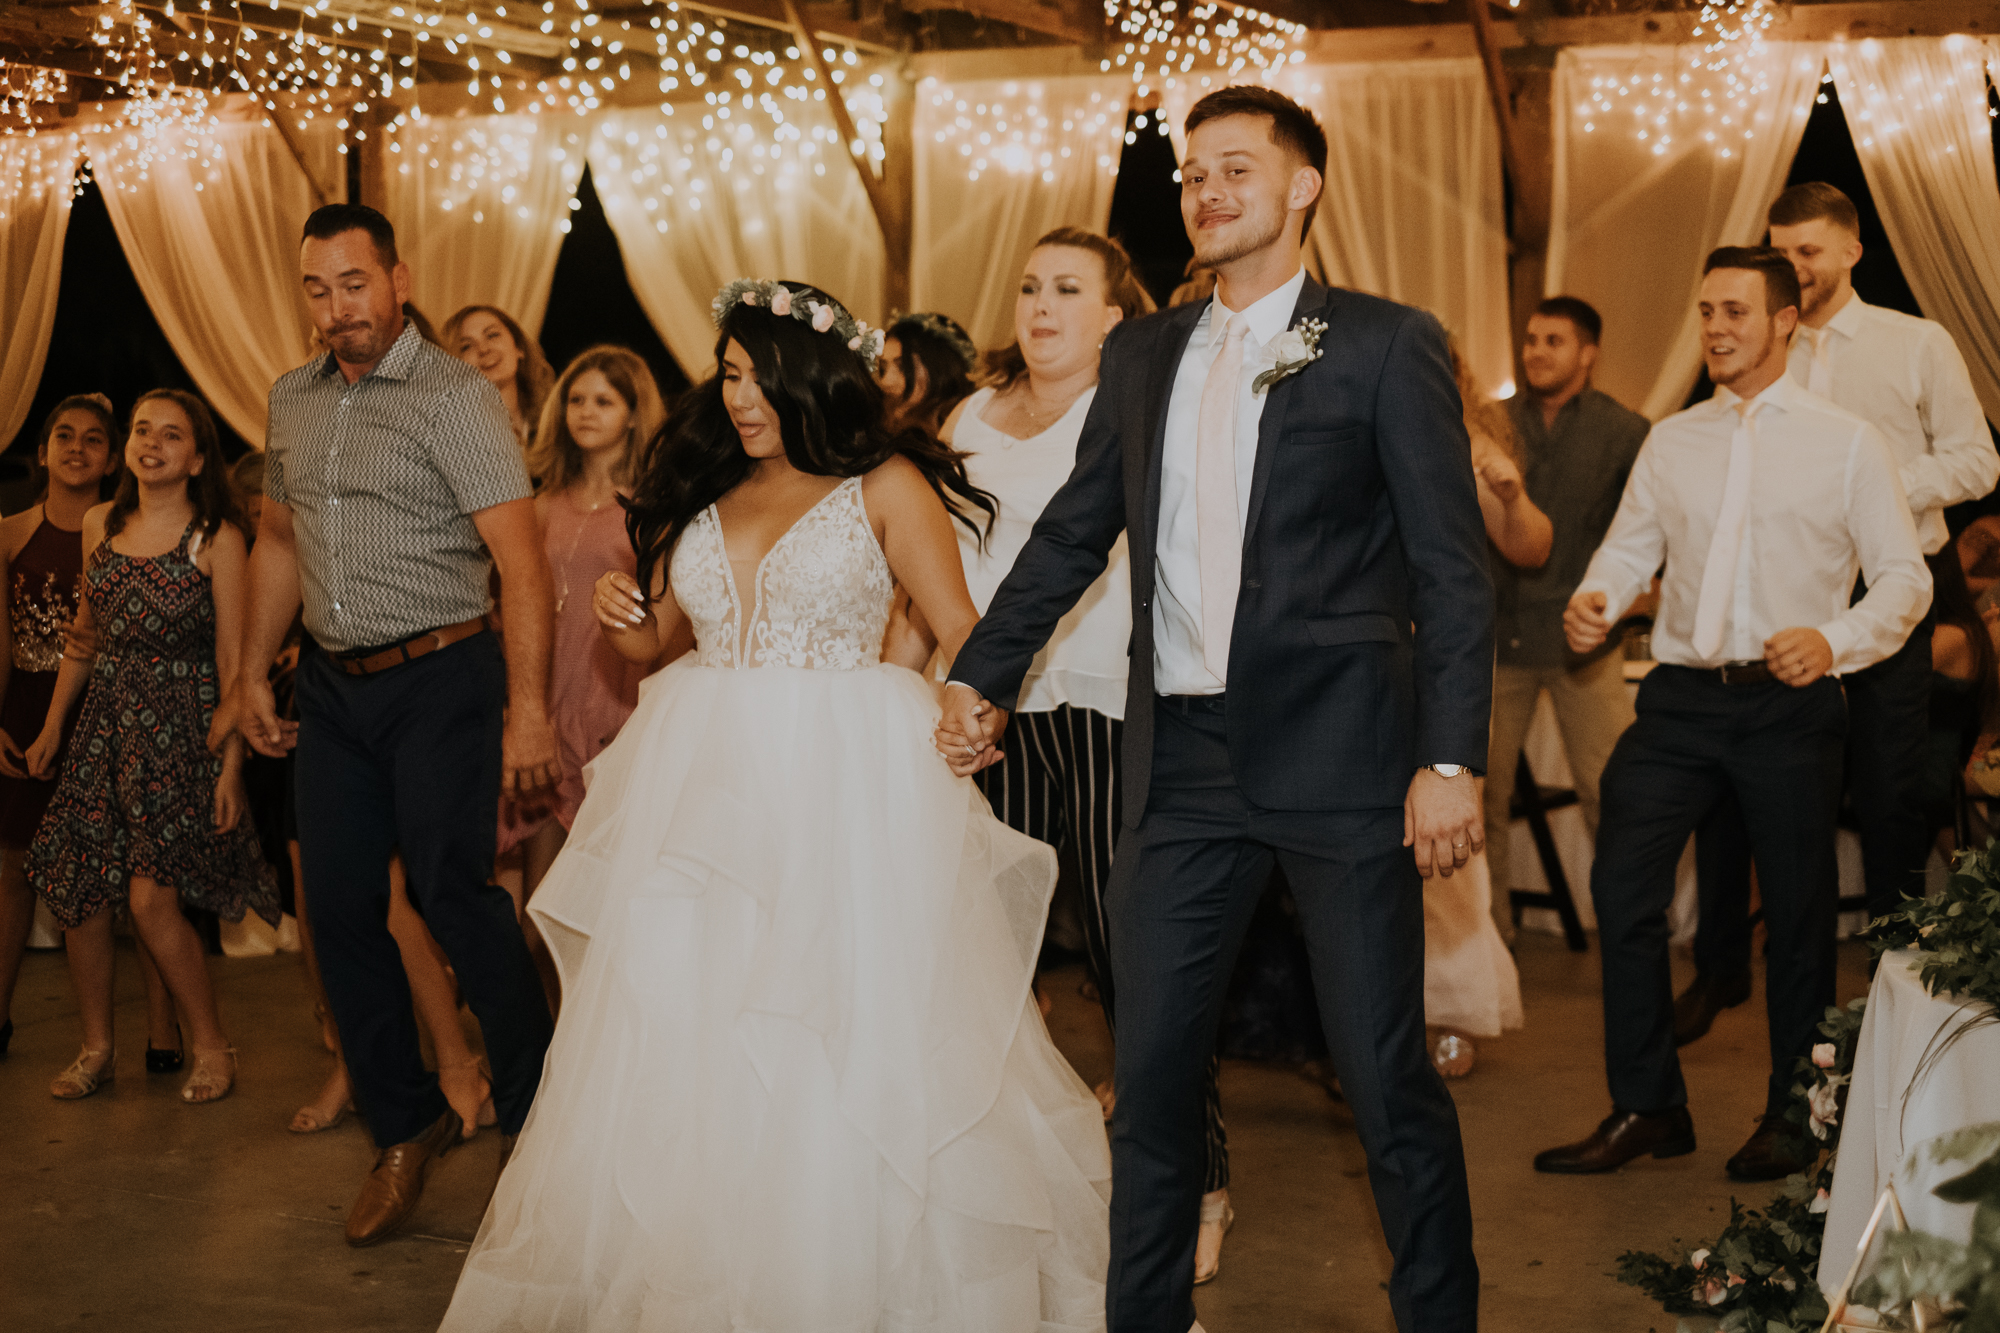 open dancing | reception dancing | boho wedding reception | Florida wedding | romantic sarasota wedding